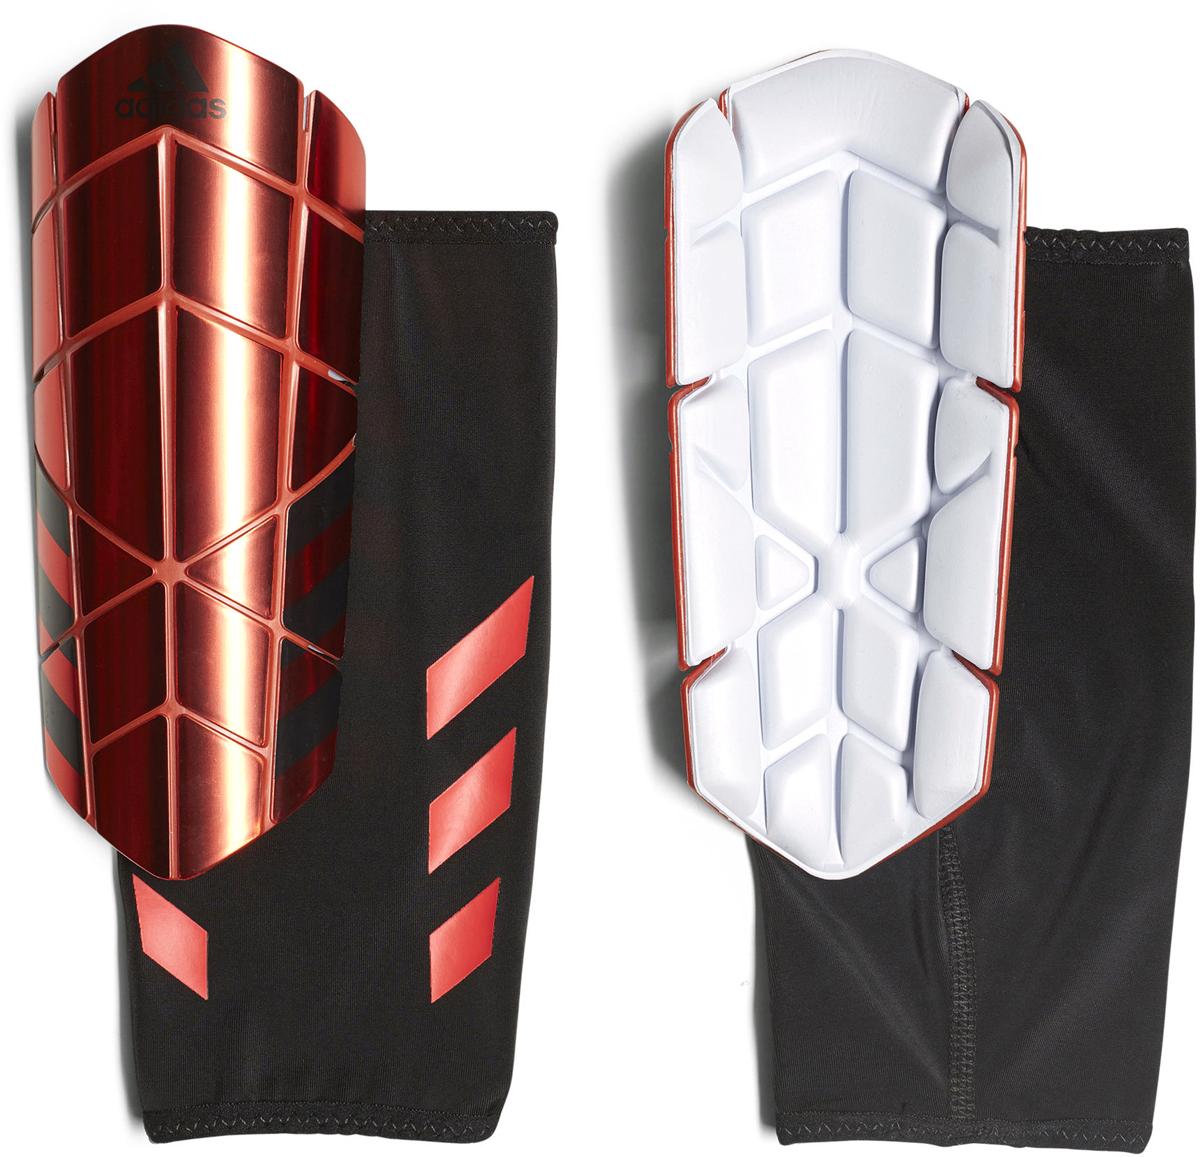 Щитки футбольные Adidas  Ghost Pro , цвет: красный. Размер M - Командные виды спорта